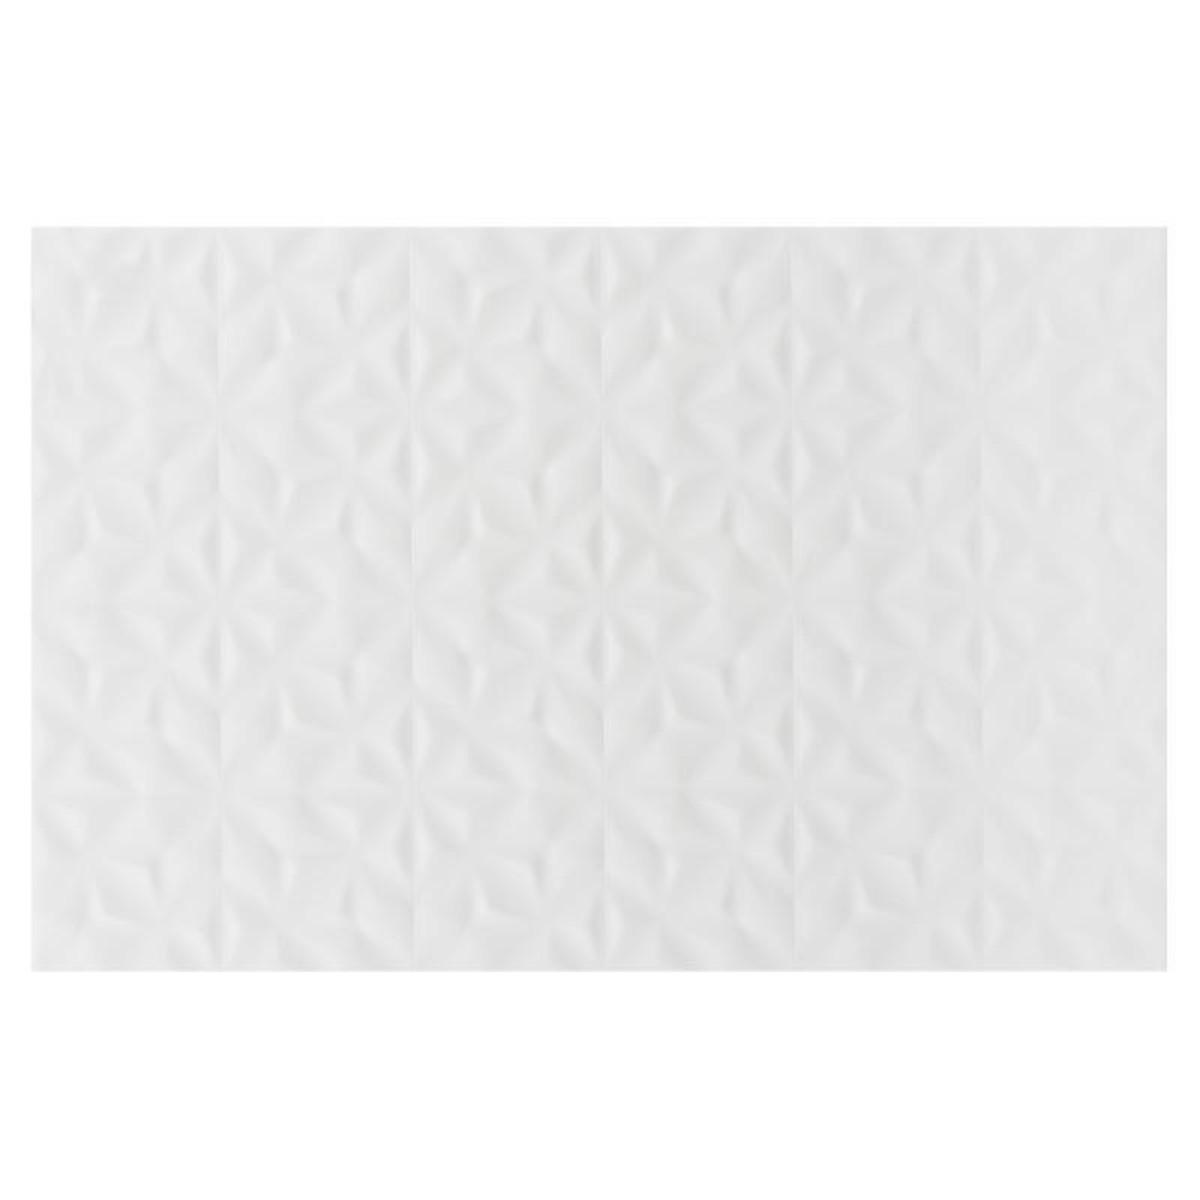 Плитка настенная Tilda 30х45 см 1.35 м2 цвет белый